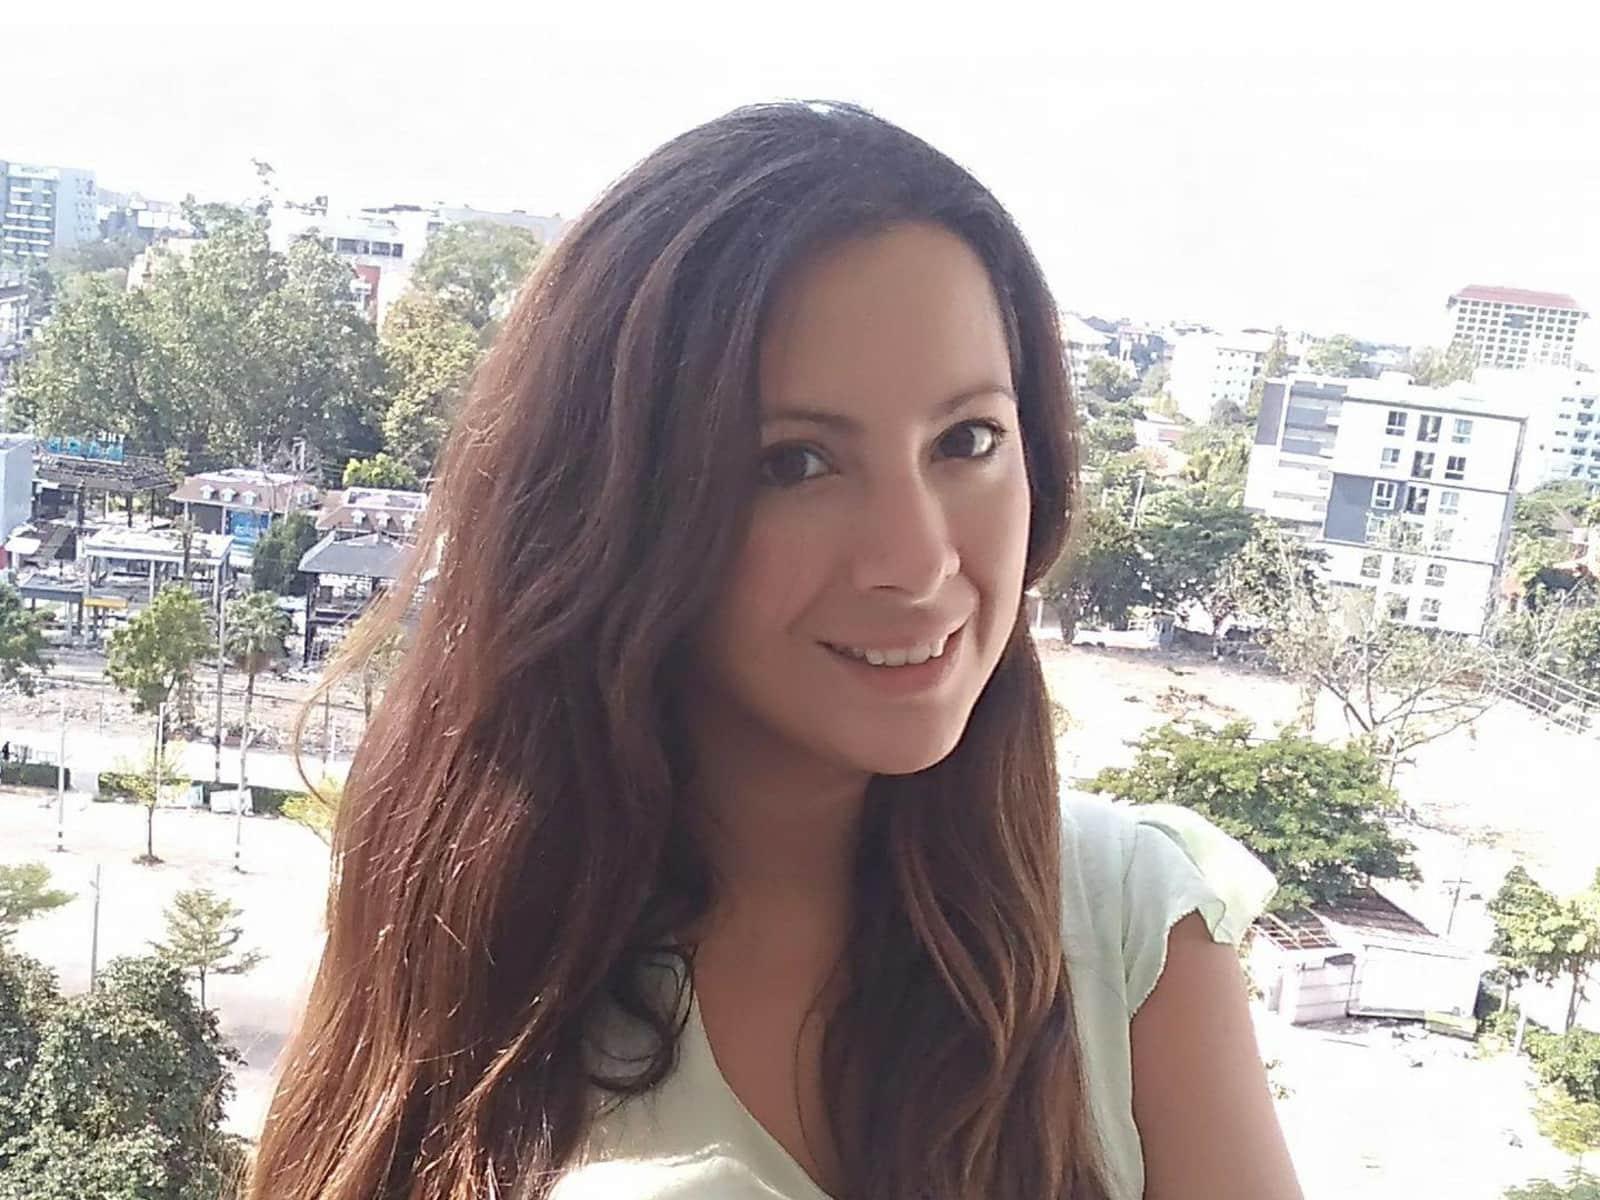 Beatriz from Chiang Mai, Thailand